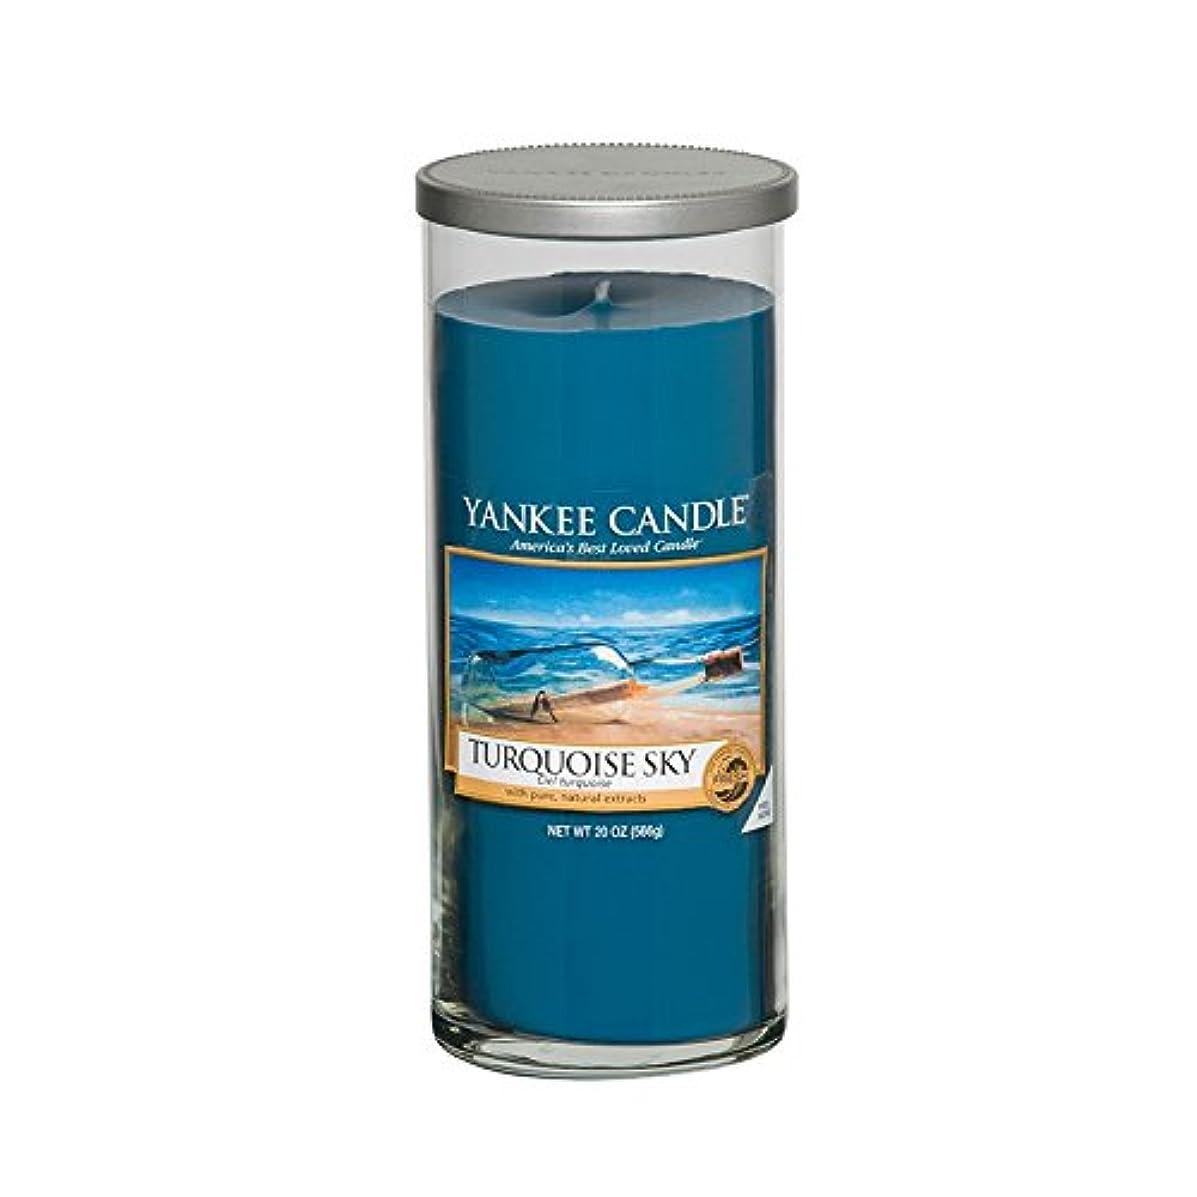 概念急いで泥ヤンキーキャンドル大きな柱キャンドル - ターコイズの空 - Yankee Candles Large Pillar Candle - Turquoise Sky (Yankee Candles) [並行輸入品]